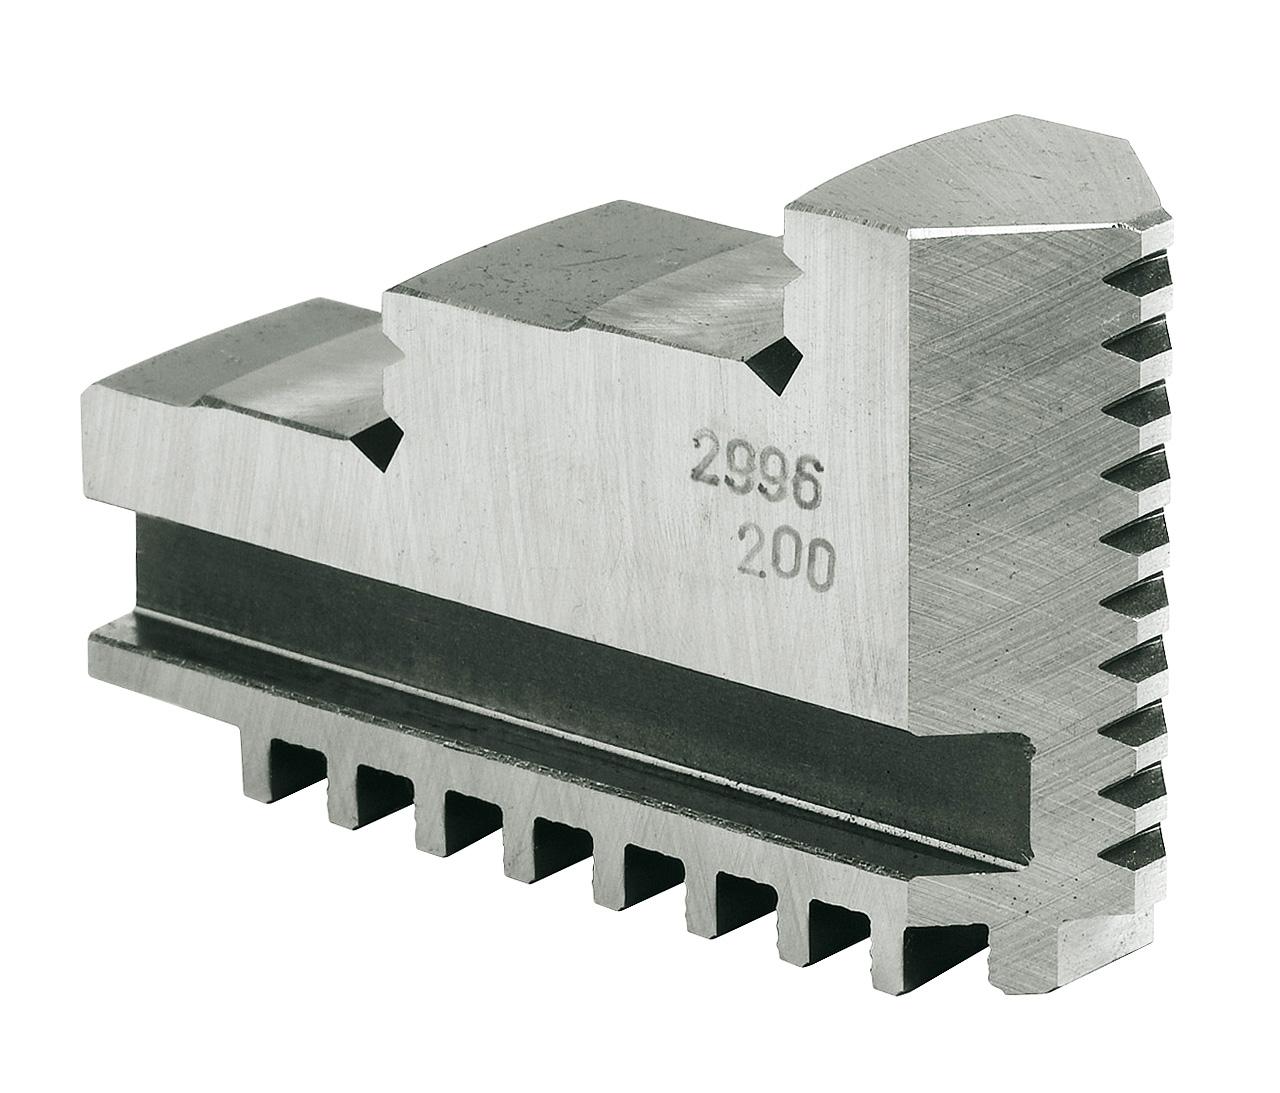 Szczęki jednolite twarde zewnętrzne - komplet DOJ-DK12-250 BERNARDO